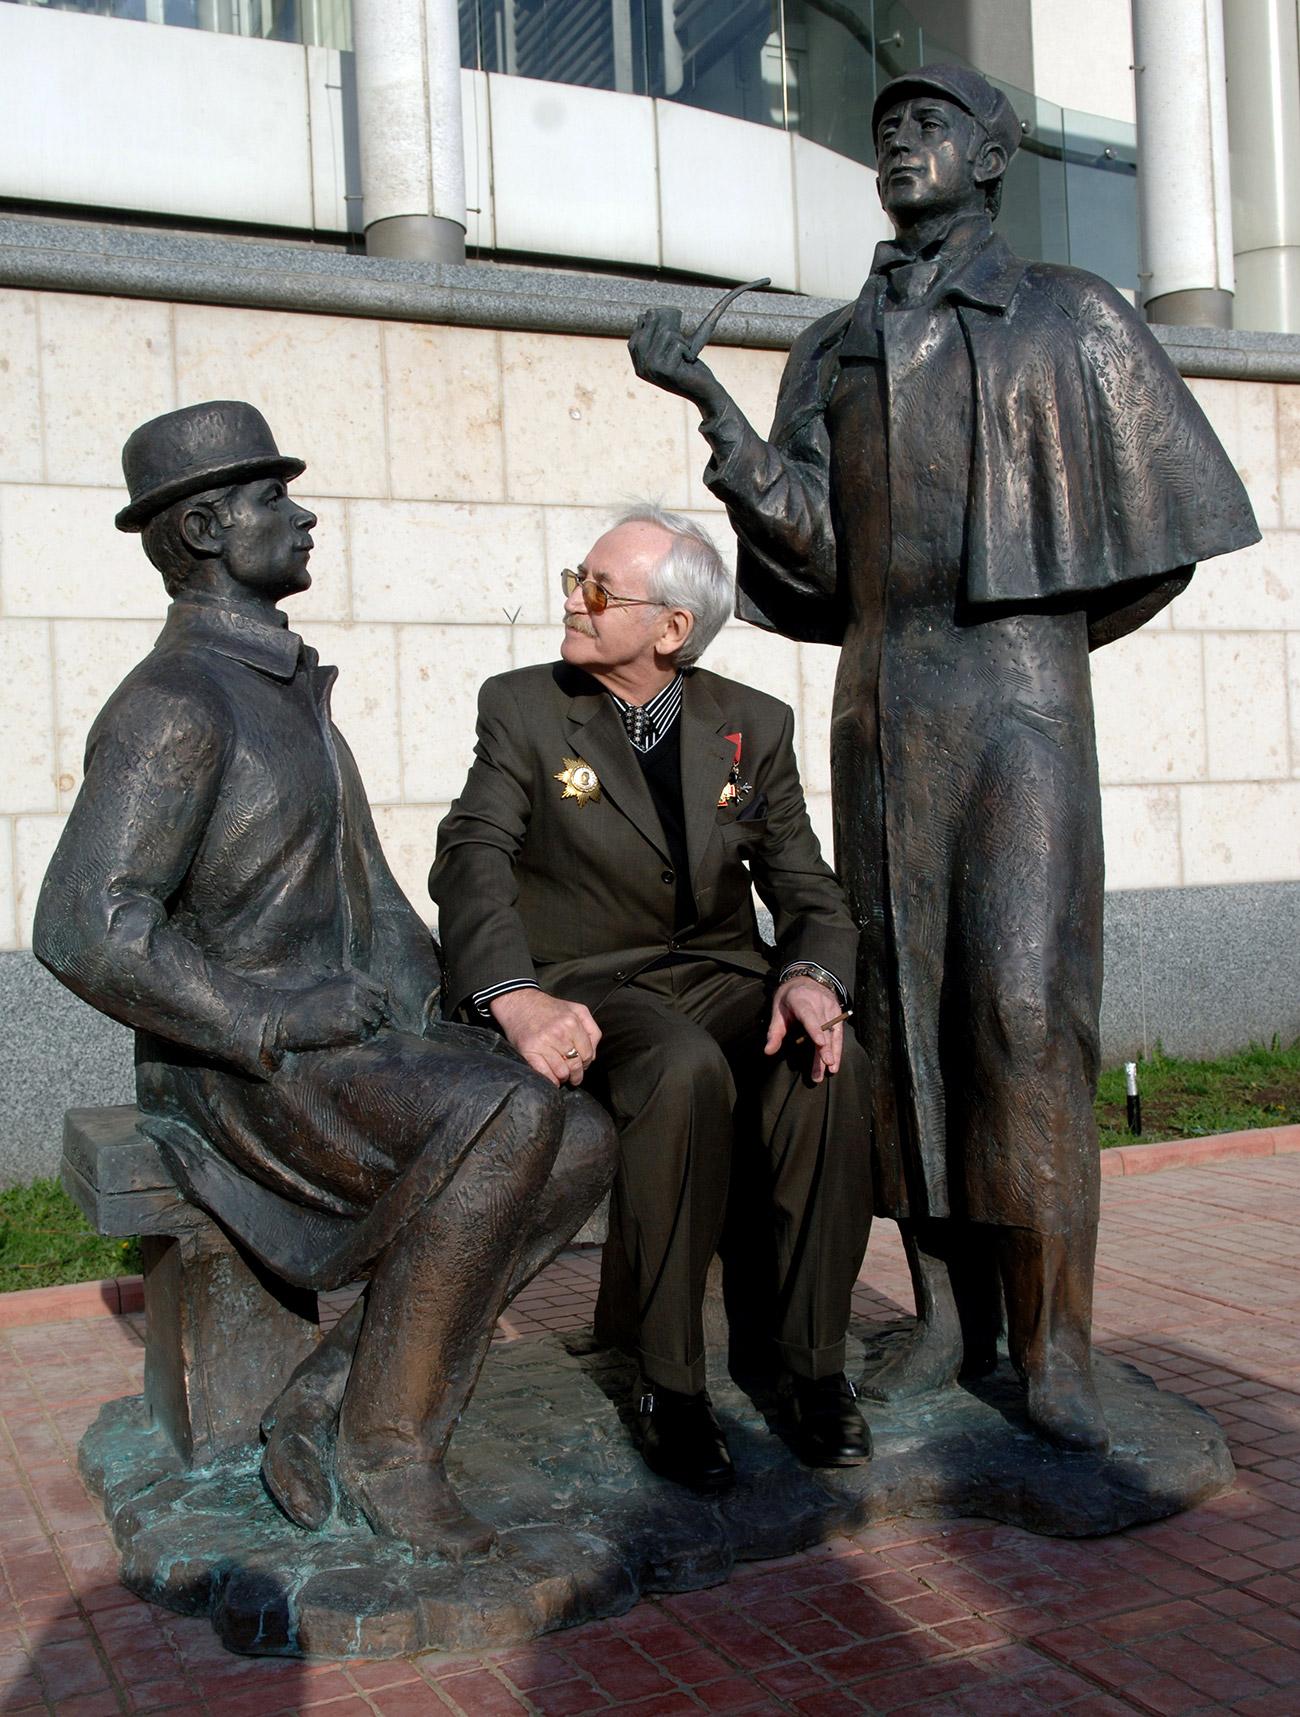 Vasily Livanov sitting at the monument. Source: Sergey Pyatakov/RIA Novosti